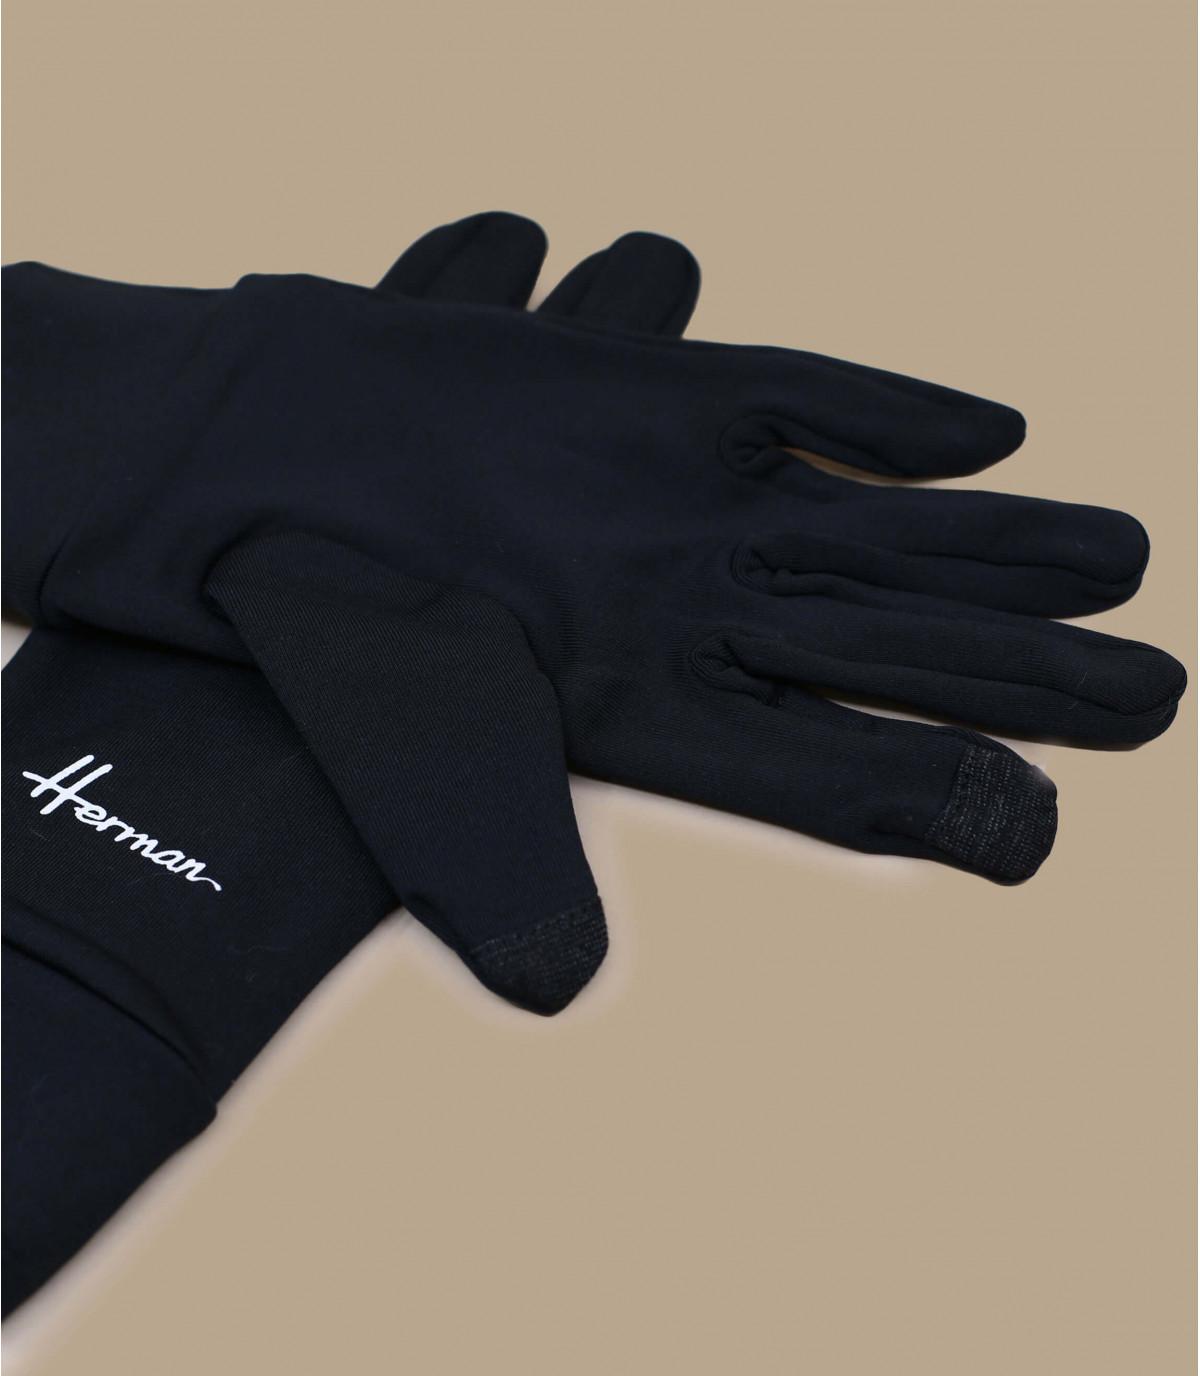 Handschuhe schwarz  Touchscreens kompatibel